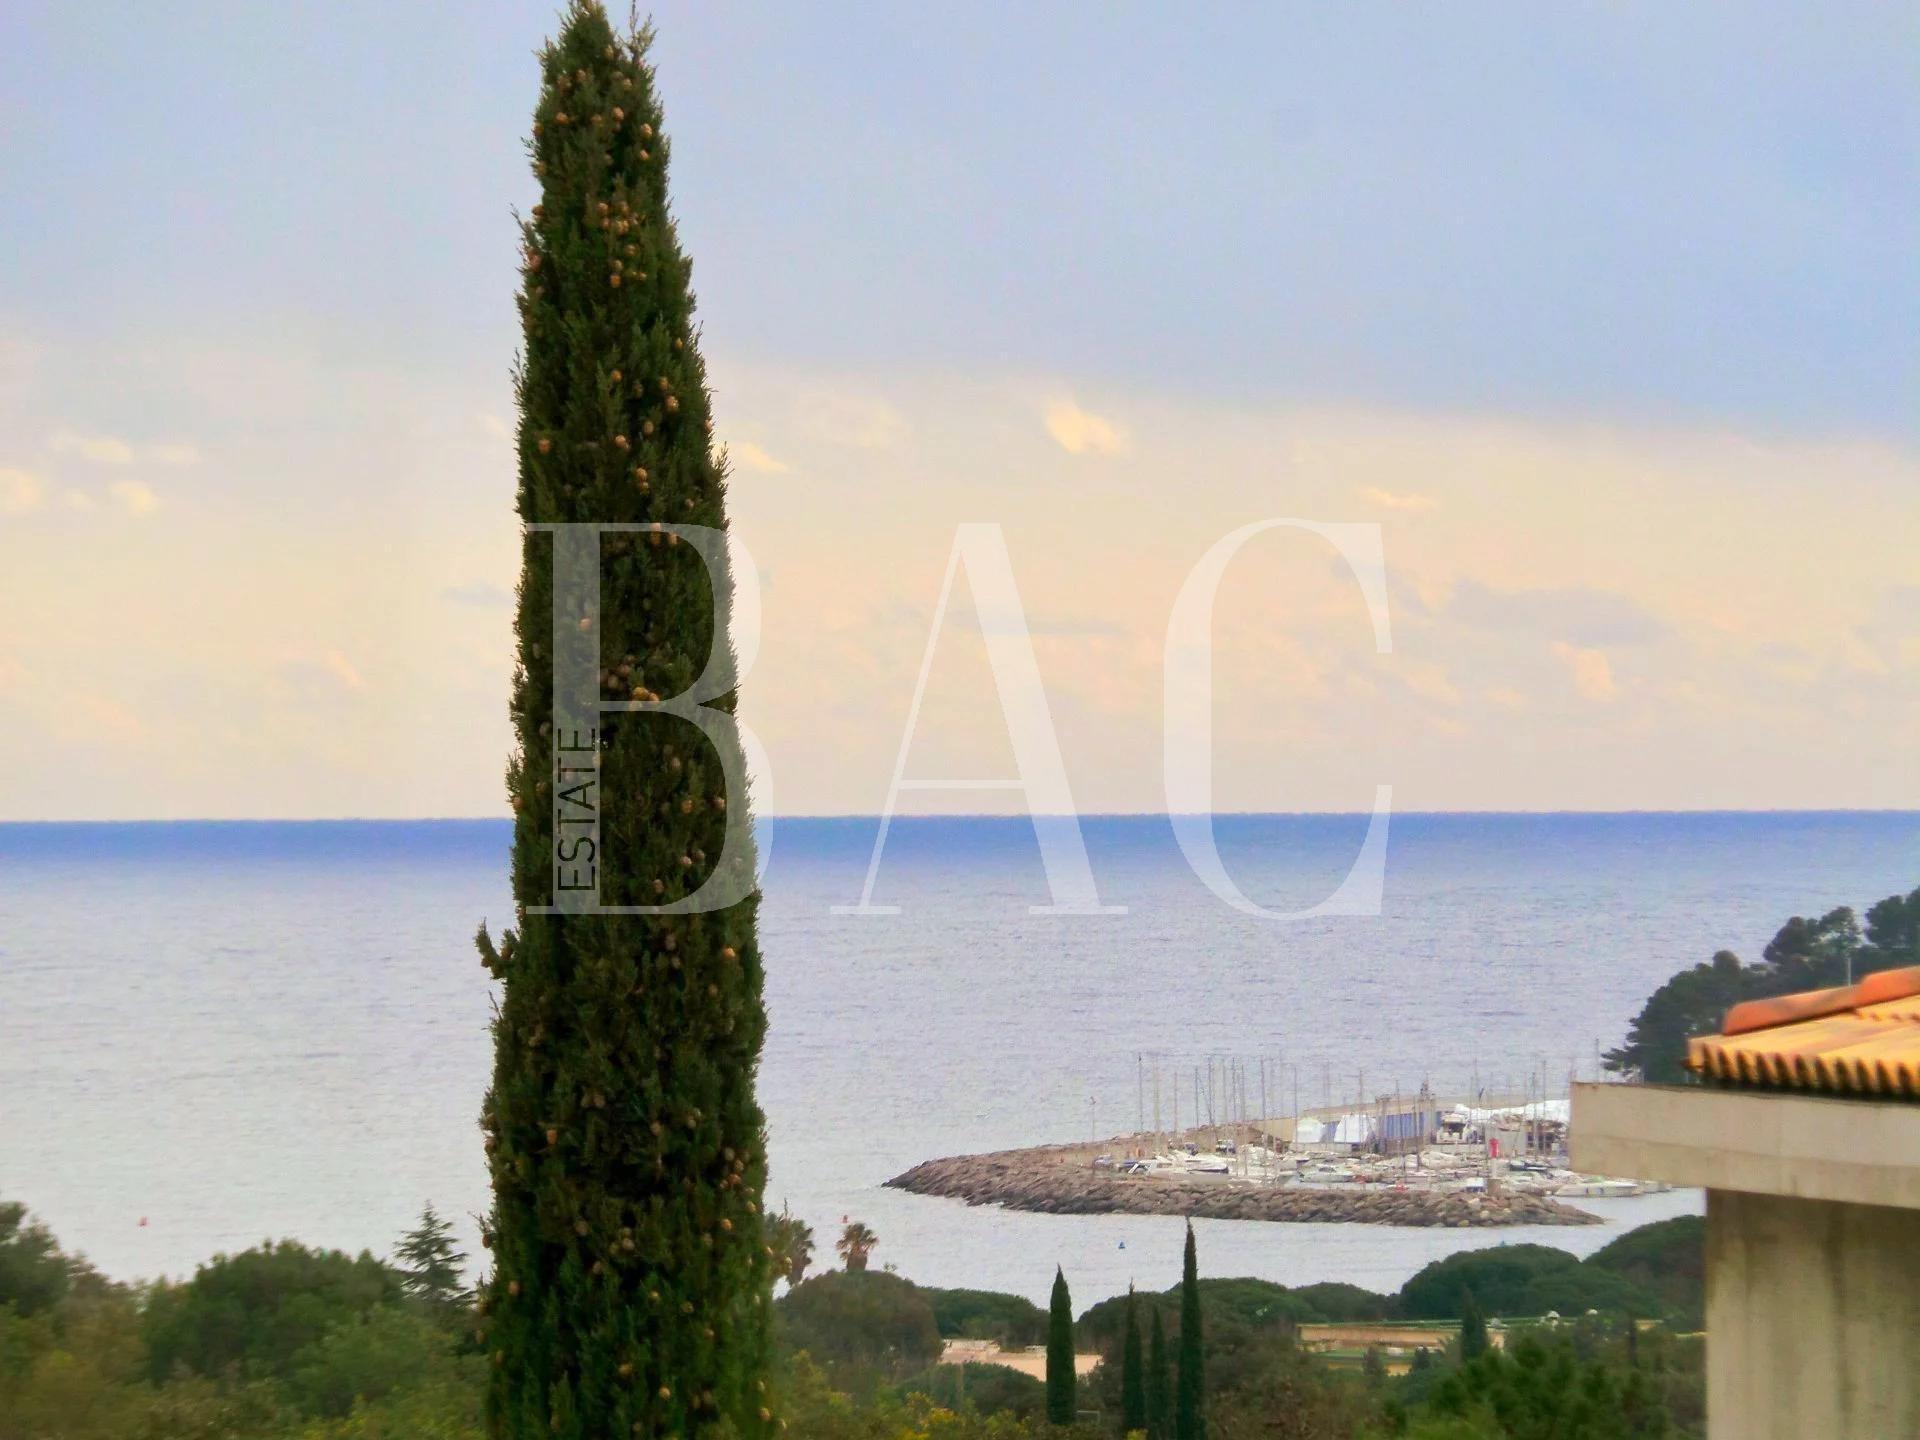 Кавалер-сюр-Мер, исключительная современная вилла с видом на море всего в 10 минутах ходьбы от пляжа